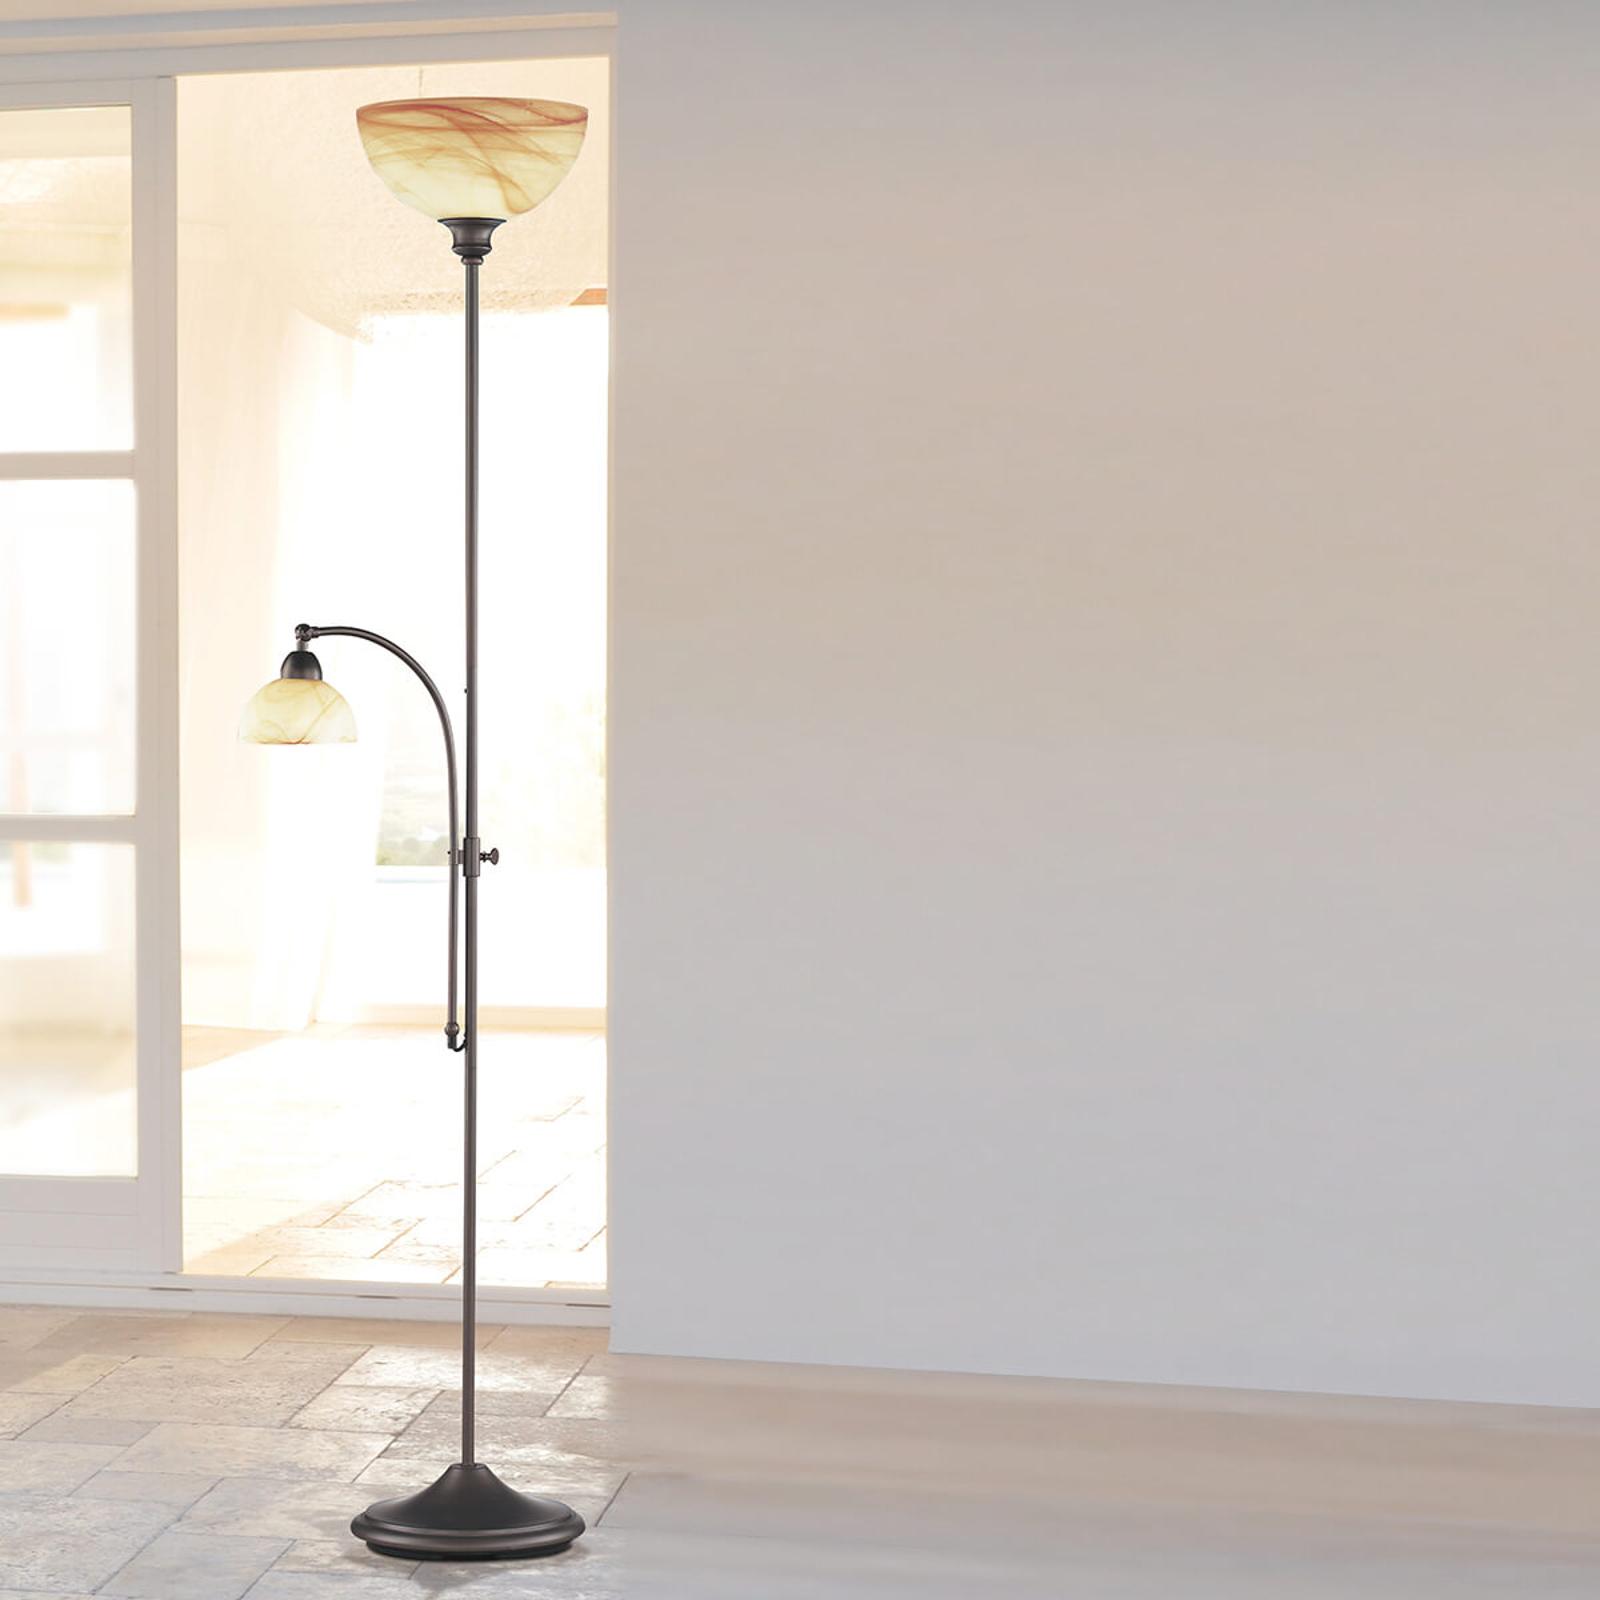 Lampadaire Lacchino avec variateur à pied